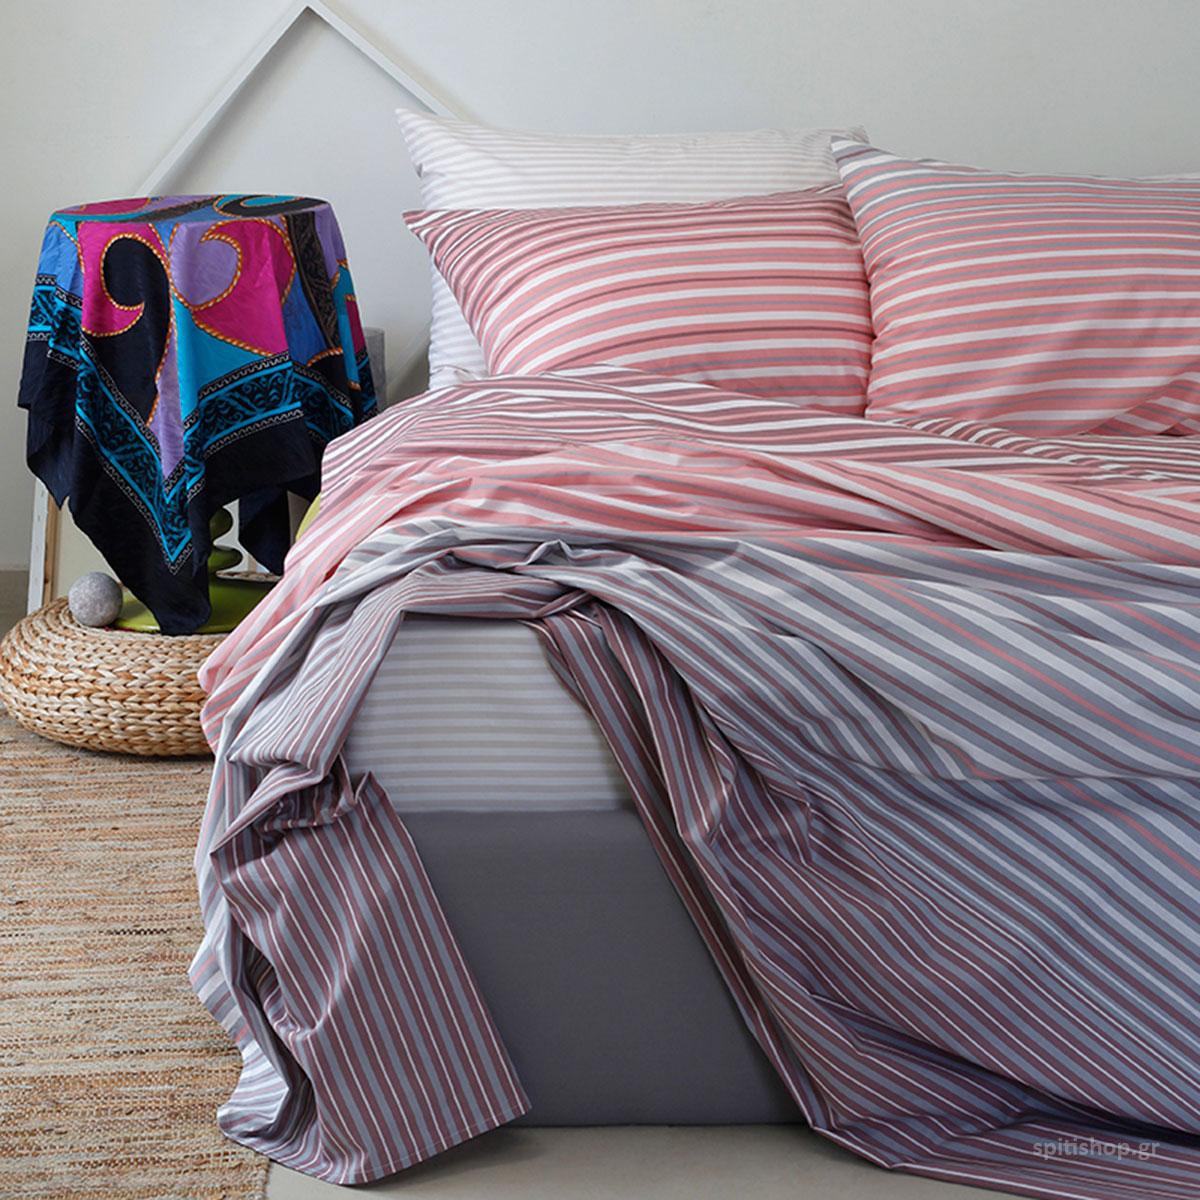 Σεντόνια Μονά (Σετ) Melinen Ultra Corso Pink ΧΩΡΙΣ ΛΑΣΤΙΧΟ 170X270 ΧΩΡΙΣ ΛΑΣΤΙΧΟ 170X270